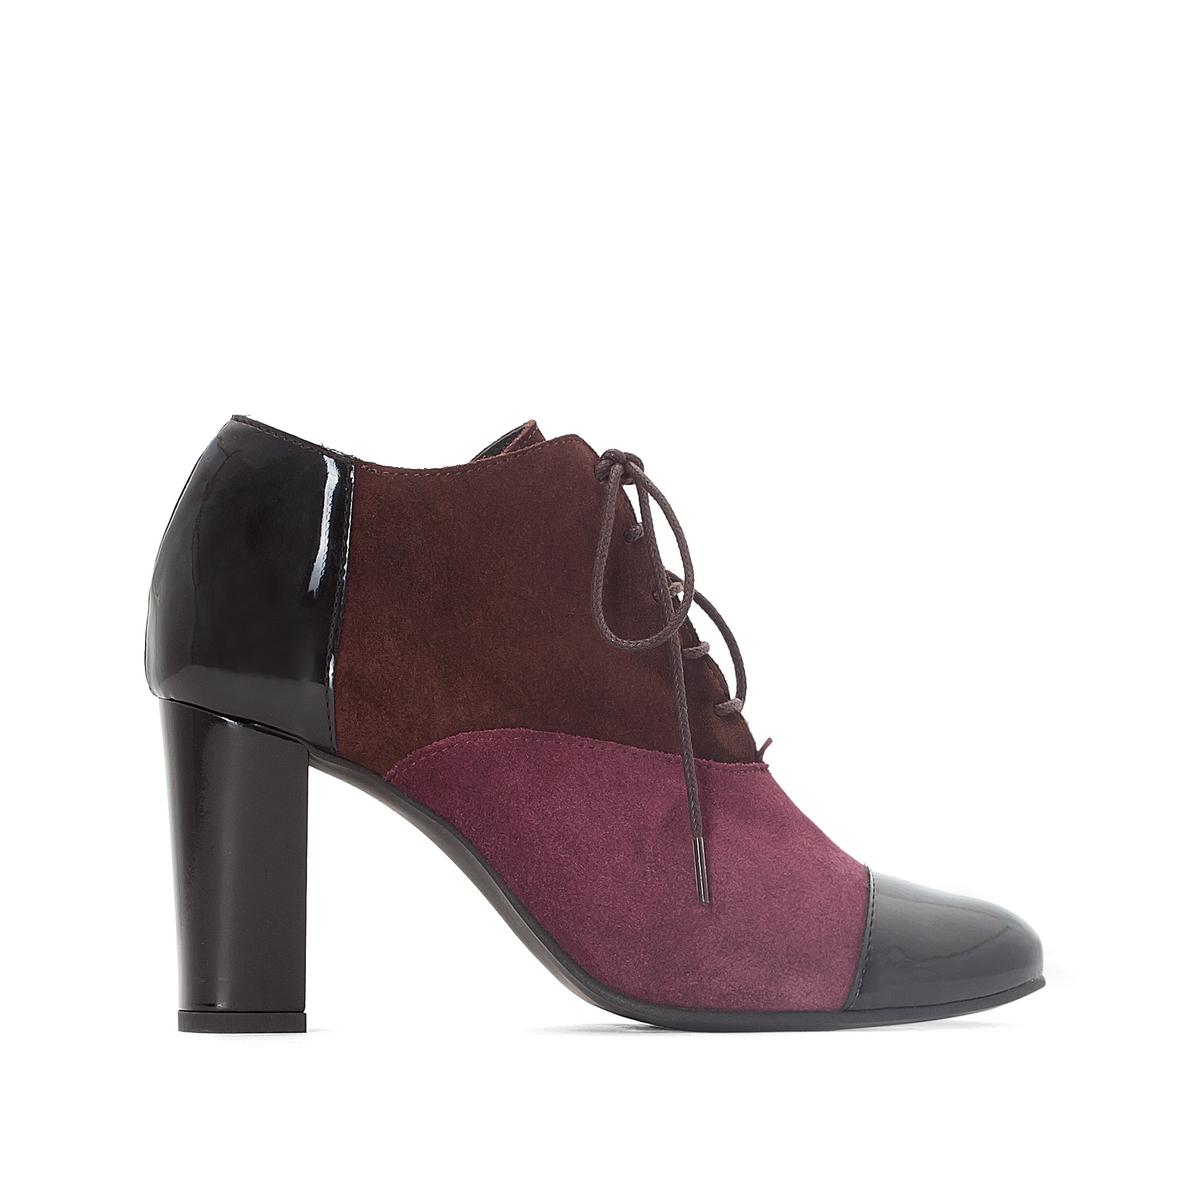 Ботинки-дерби трехцветные кожаные на высоком каблукеДетали •  Ботинки-дерби •  Высота каблука : 8 см •  Застежка : шнуровка •  Круглый мысок •  Гладкая отделкаСостав и уход •  Верх 100% кожа •  Подкладка 100% текстиль<br><br>Цвет: кирпичный